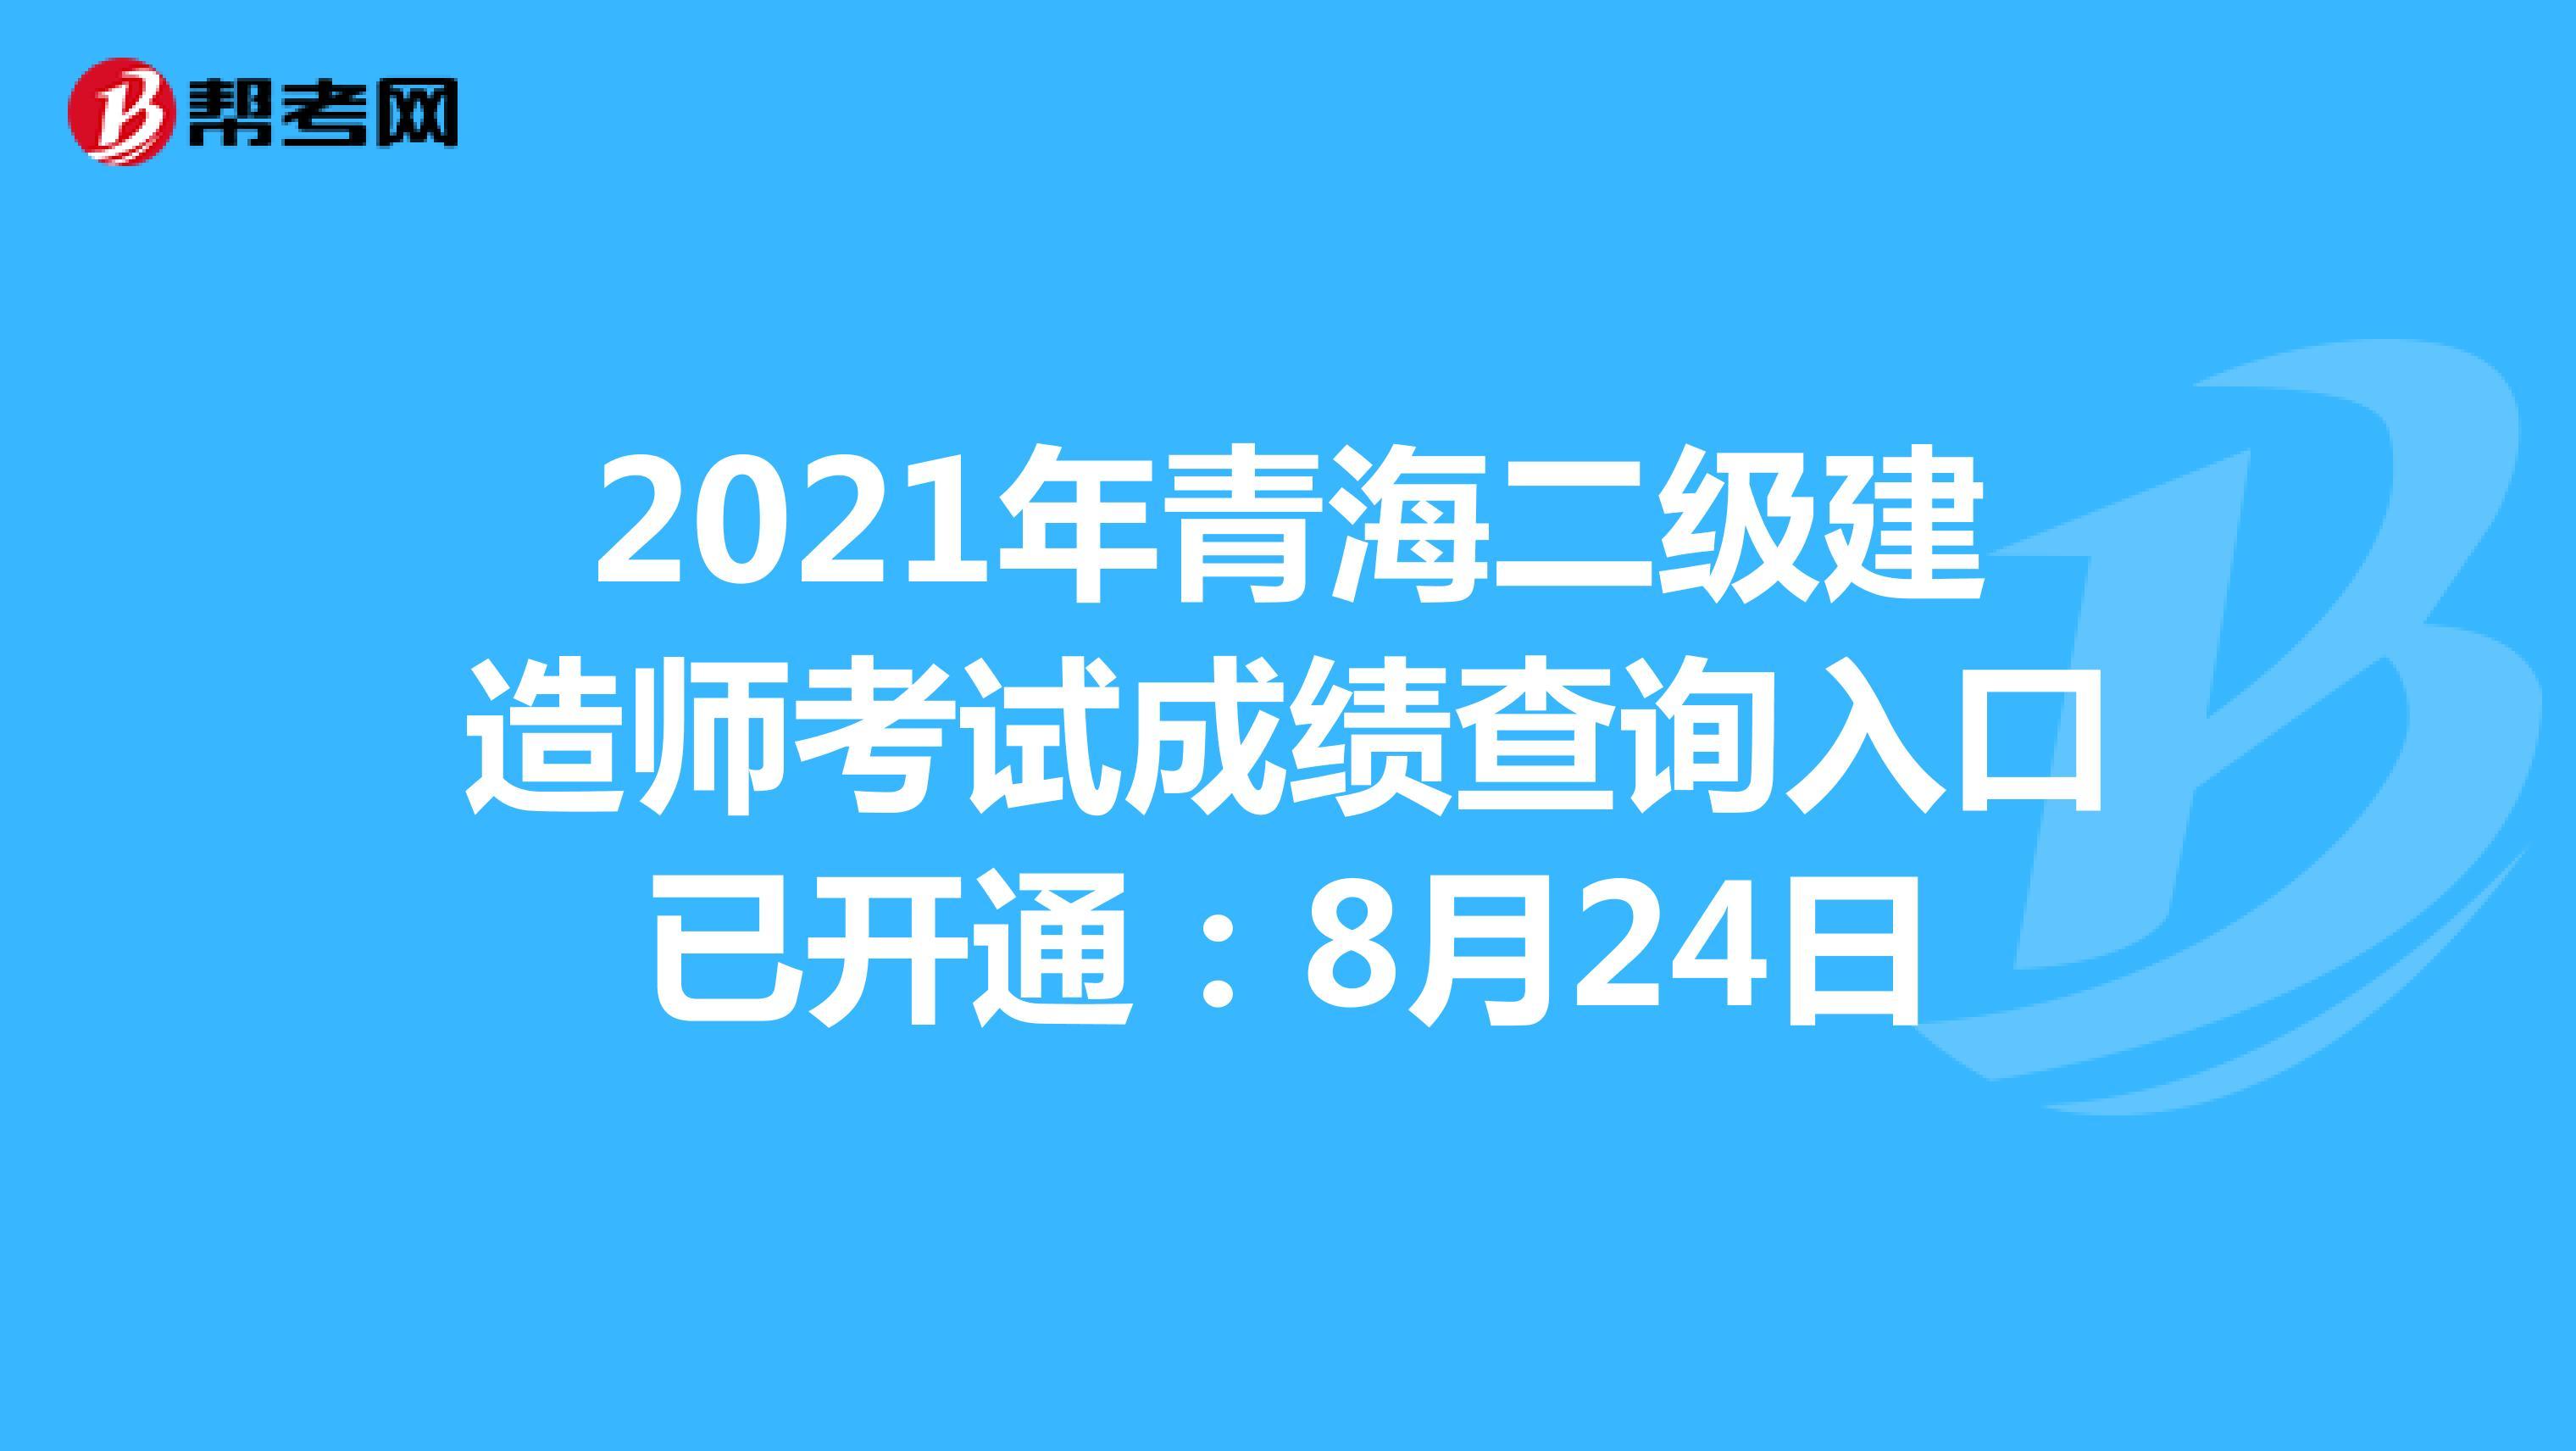 2021年青海二级建造师考试成绩查询入口已开通:8月24日